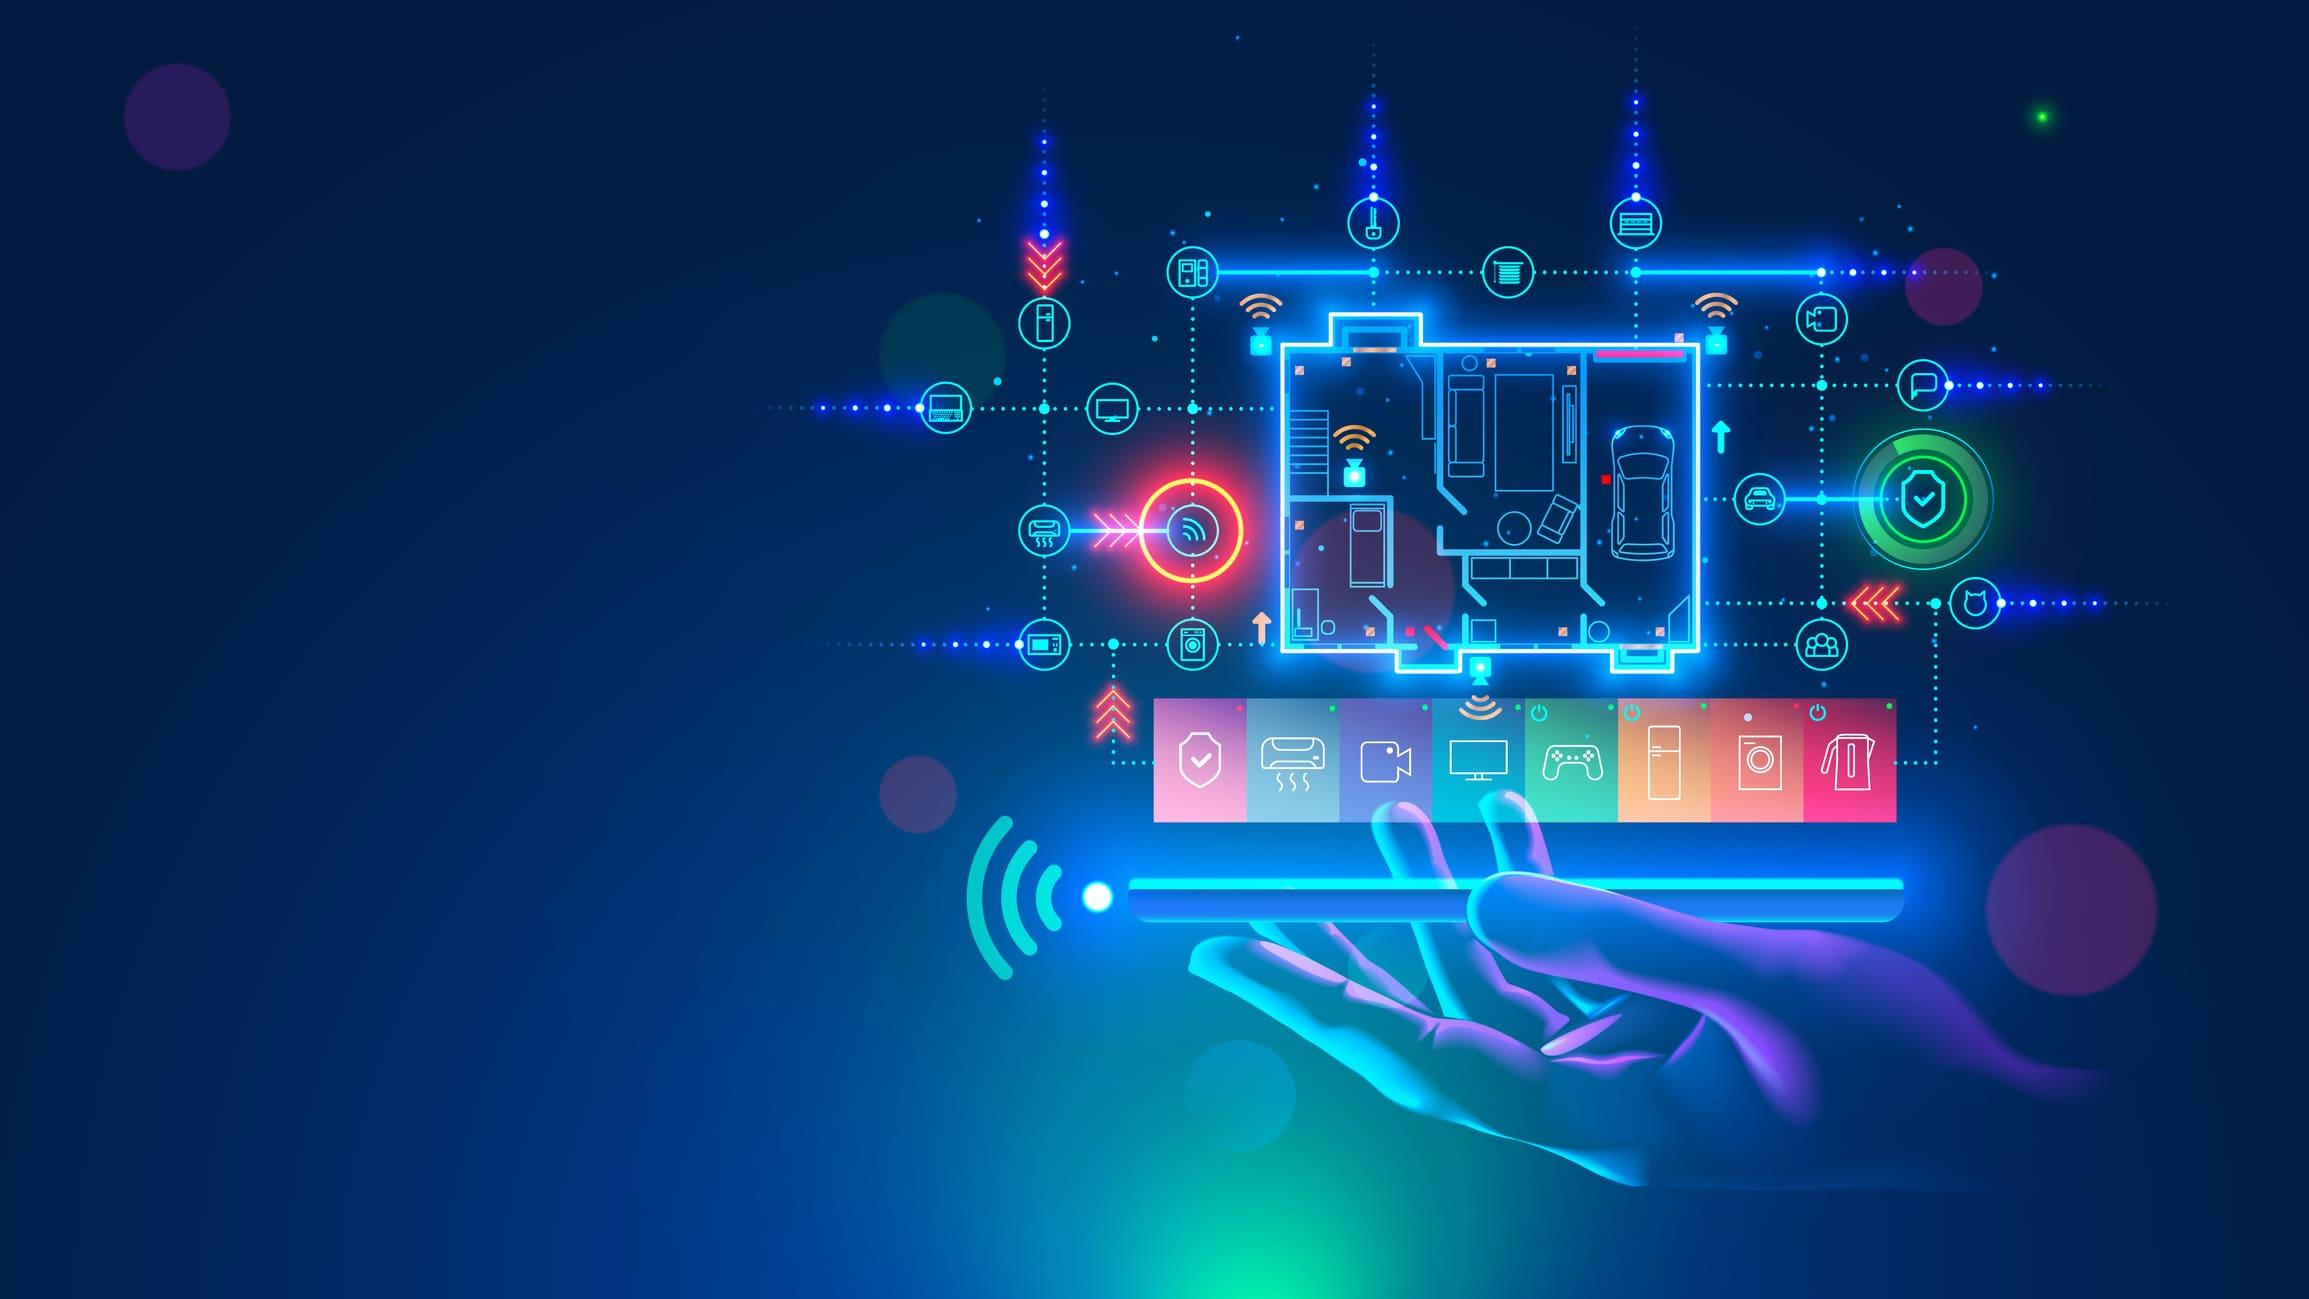 Les objets connectés : au-delà de l'usage consommateur, un levier de quantification et d'amélioration continue de l'expérience client   Eleven